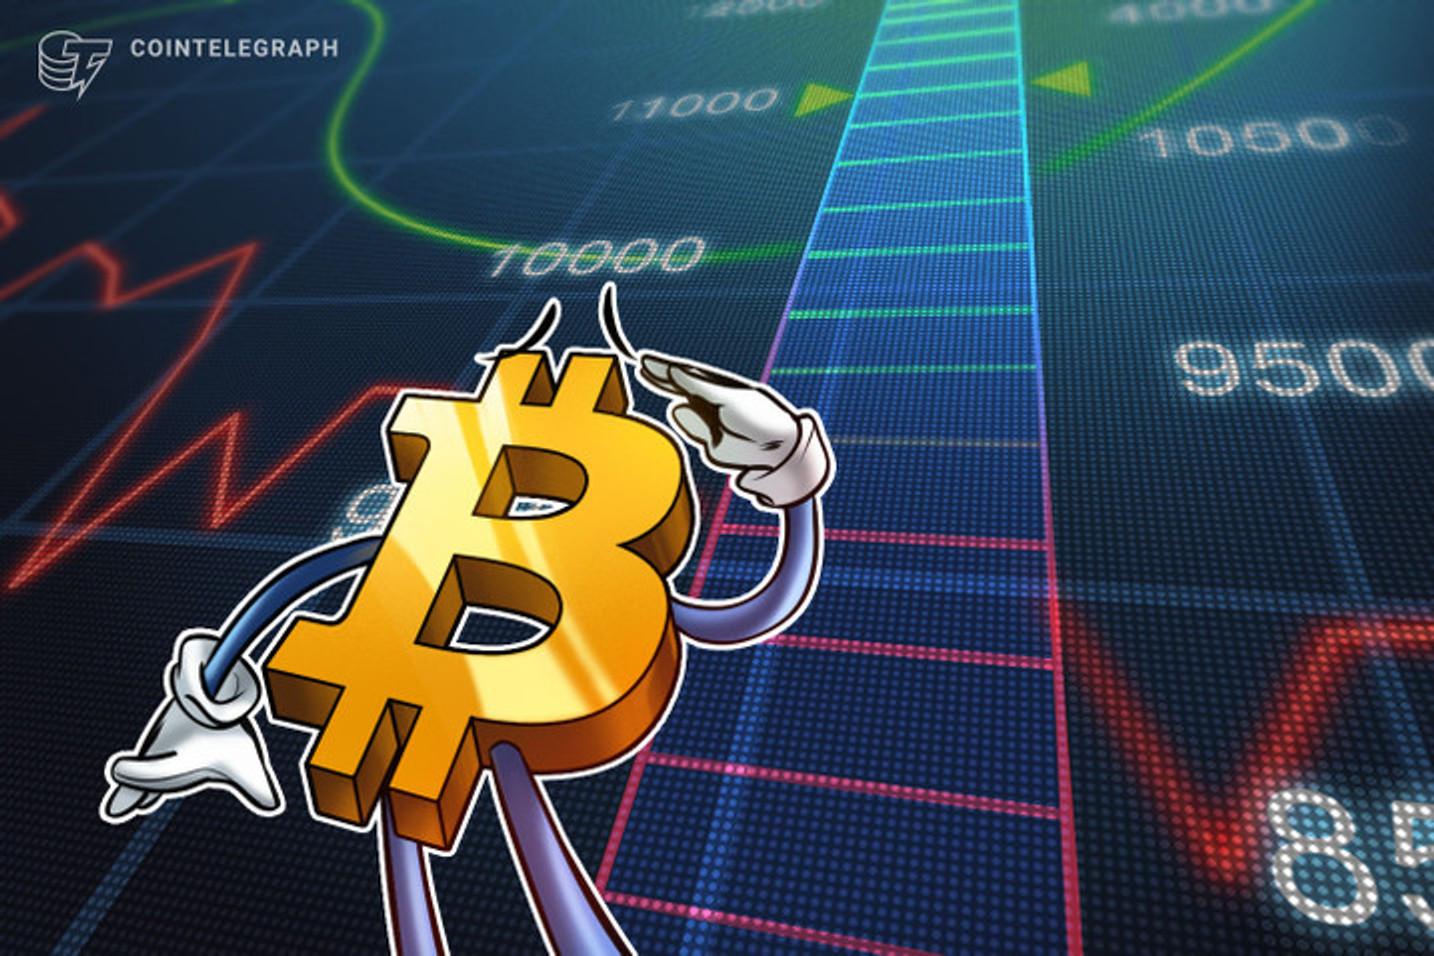 Un ex ejecutivo de Facebook y otros tres expertos apuestan que Bitcoin puede valer hasta 1.000.000 de dólares después del halving